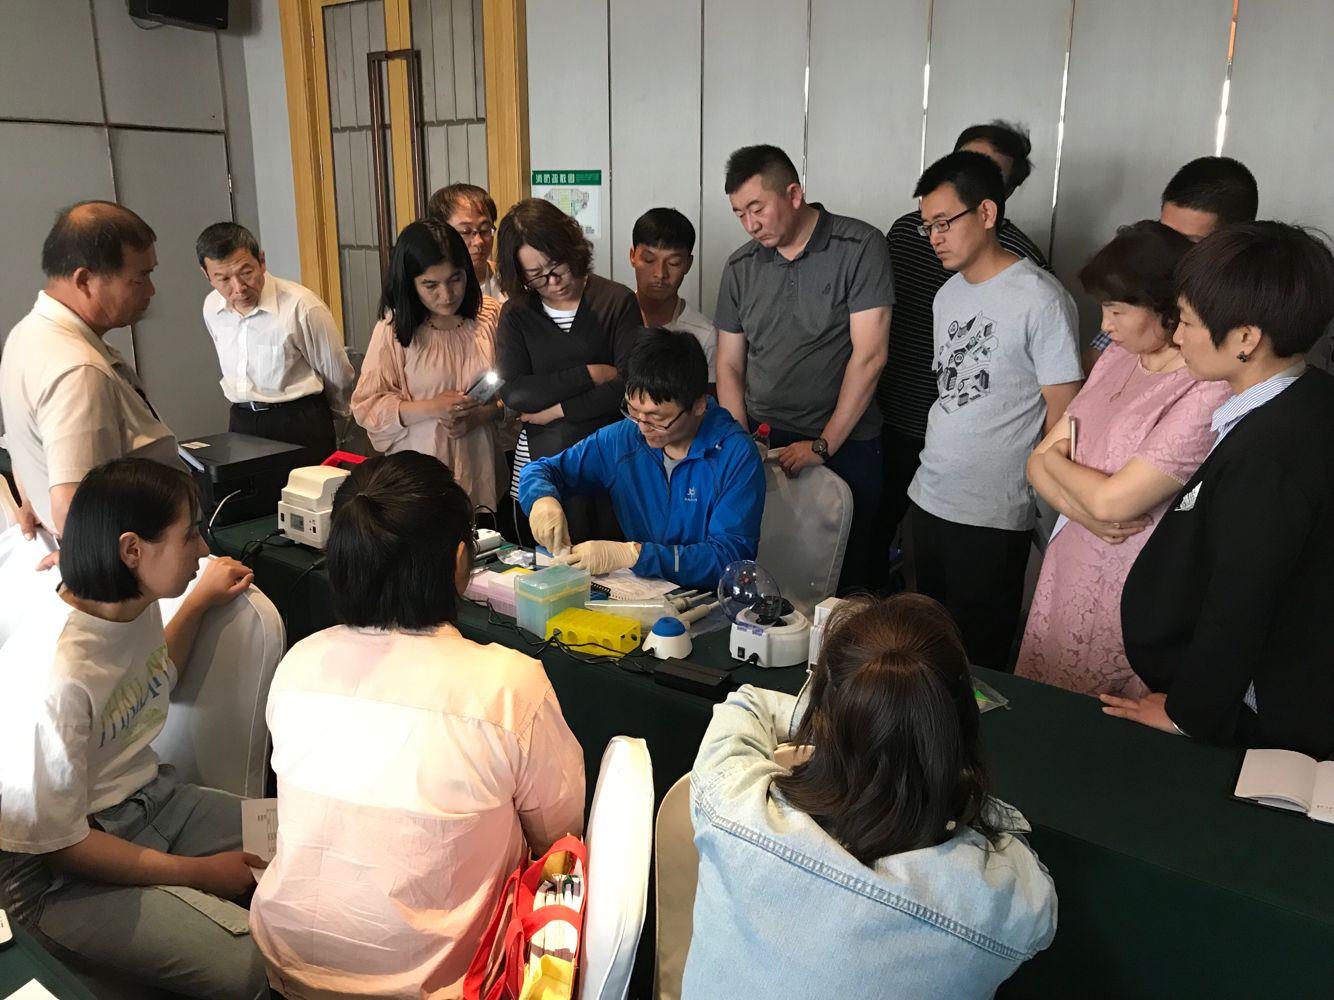 633PORN-亚洲香蕉视频在线播放 亚洲 西欧 中文 日韩 亚洲第一狼人综合网站 亚洲 小说 西欧 另类